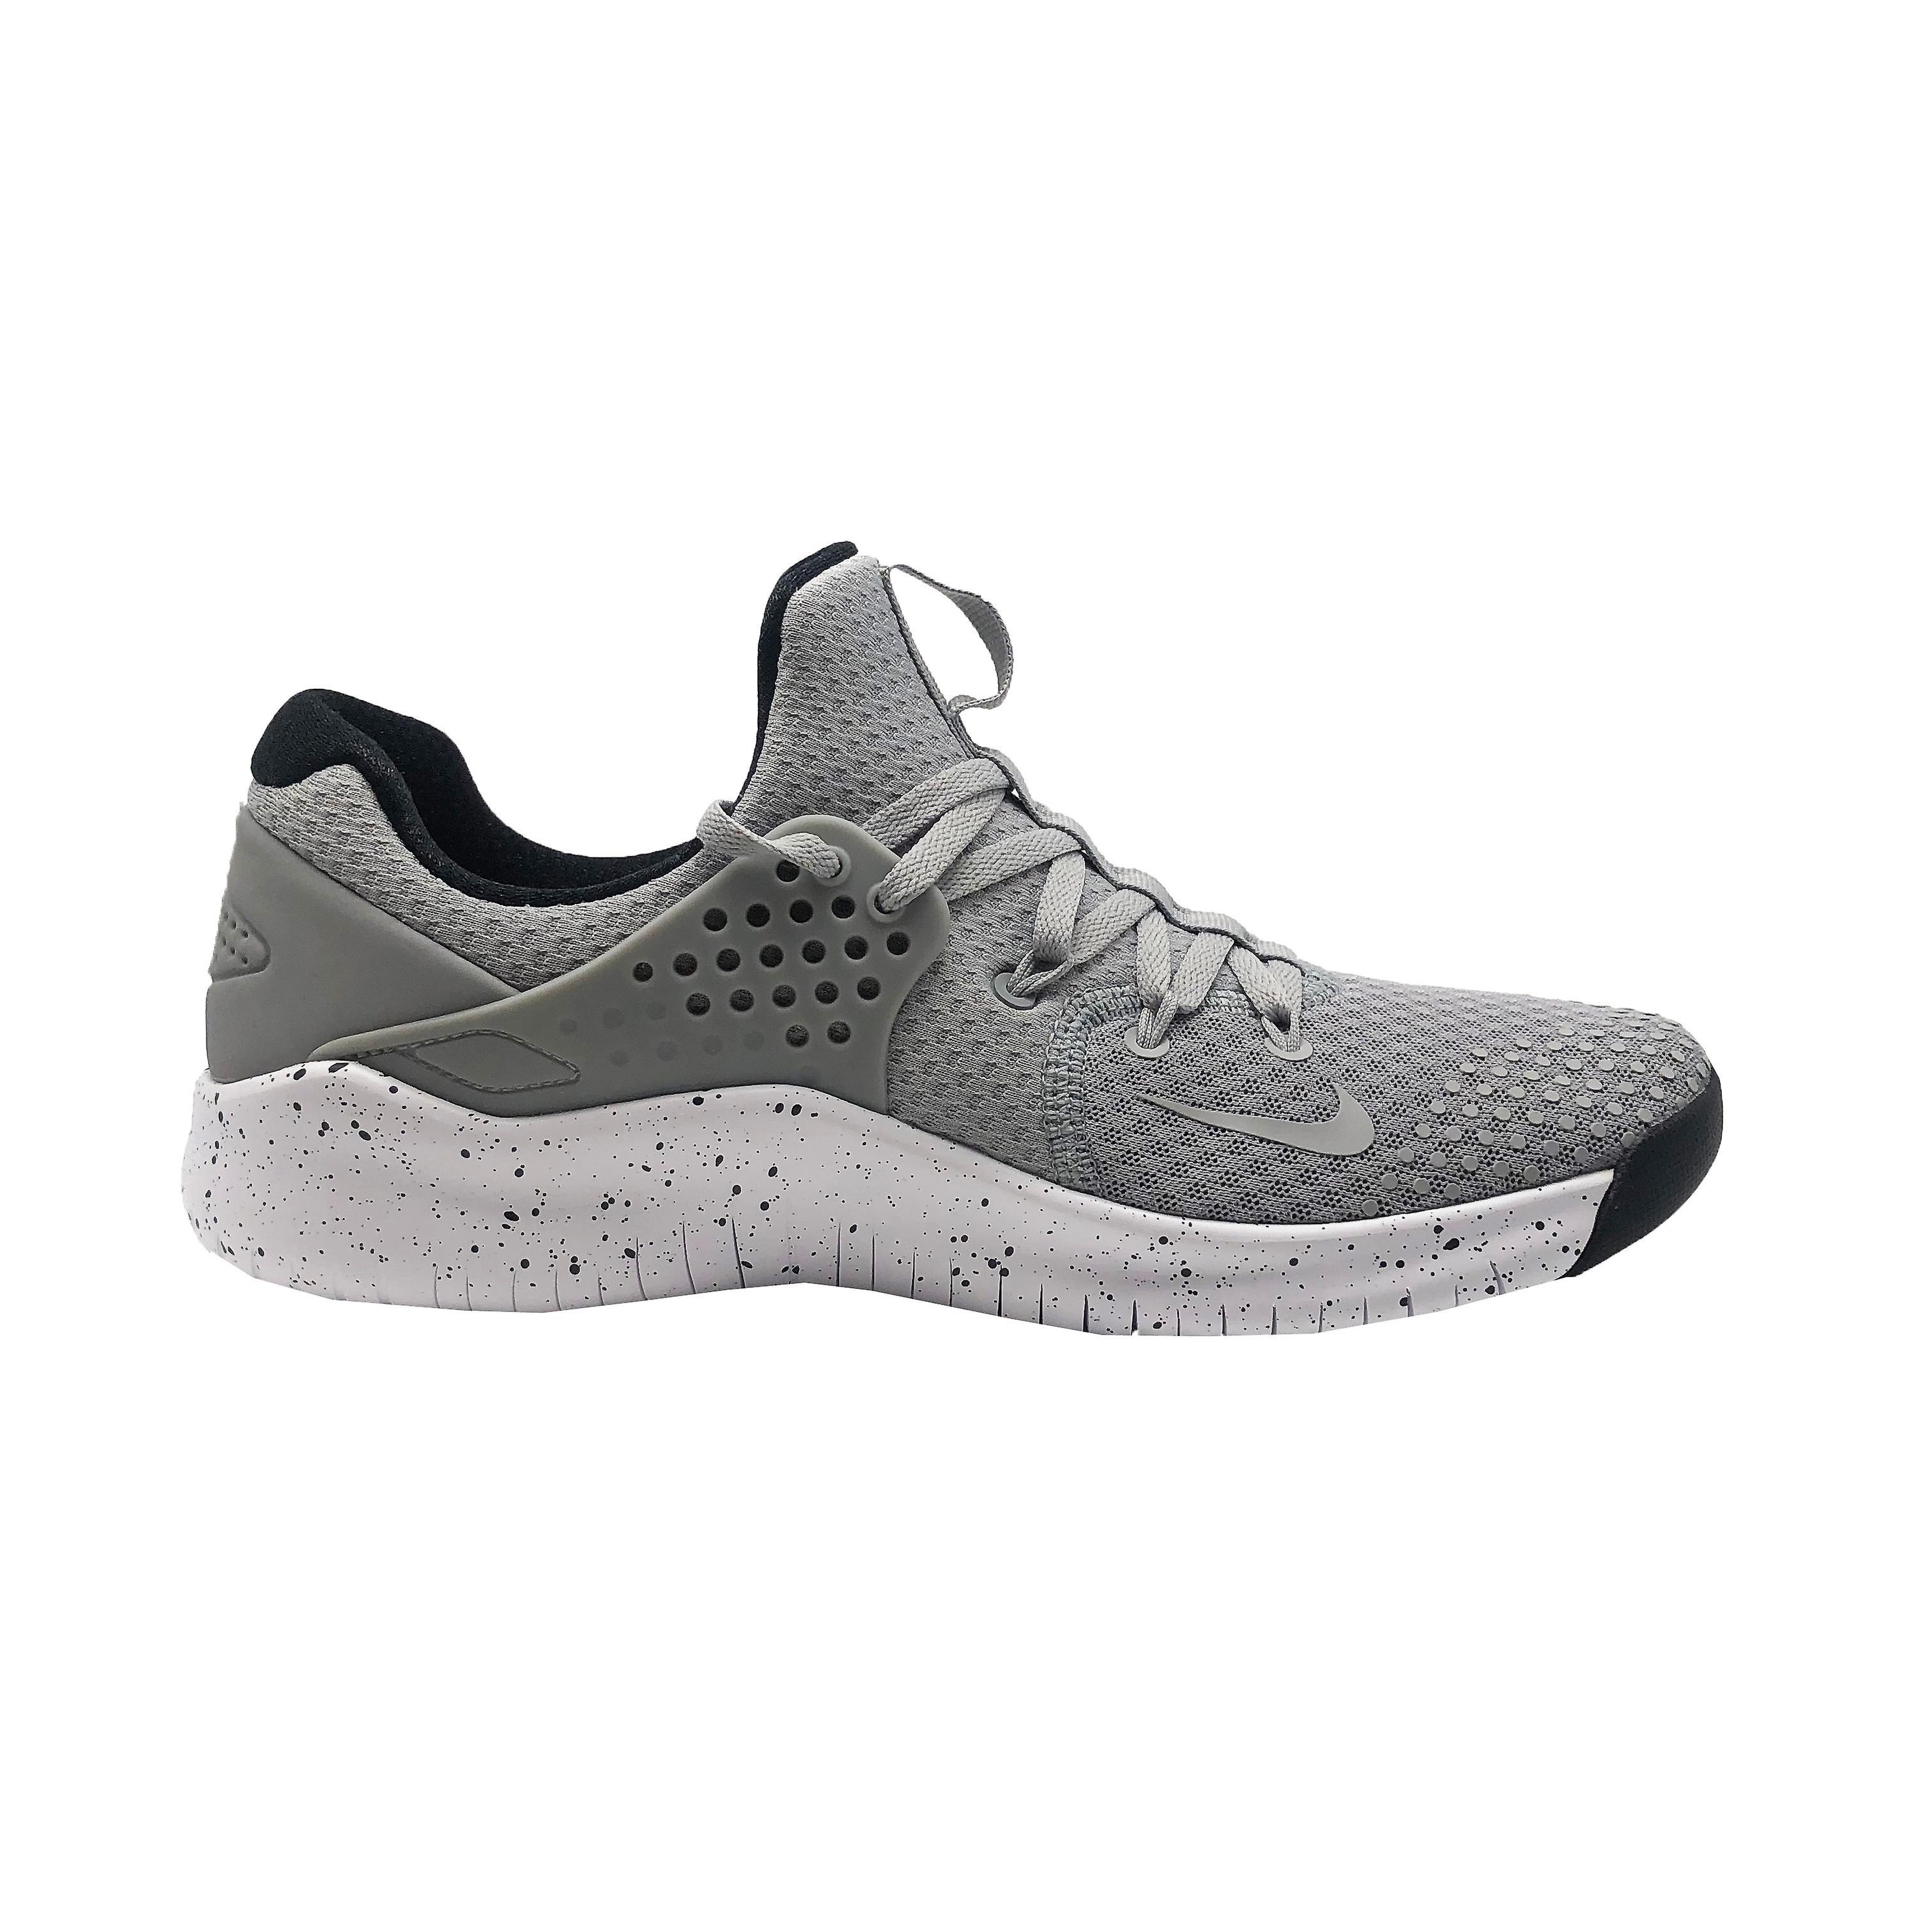 Nike gratis tränare VIII AH9395 001 Mens utbildare